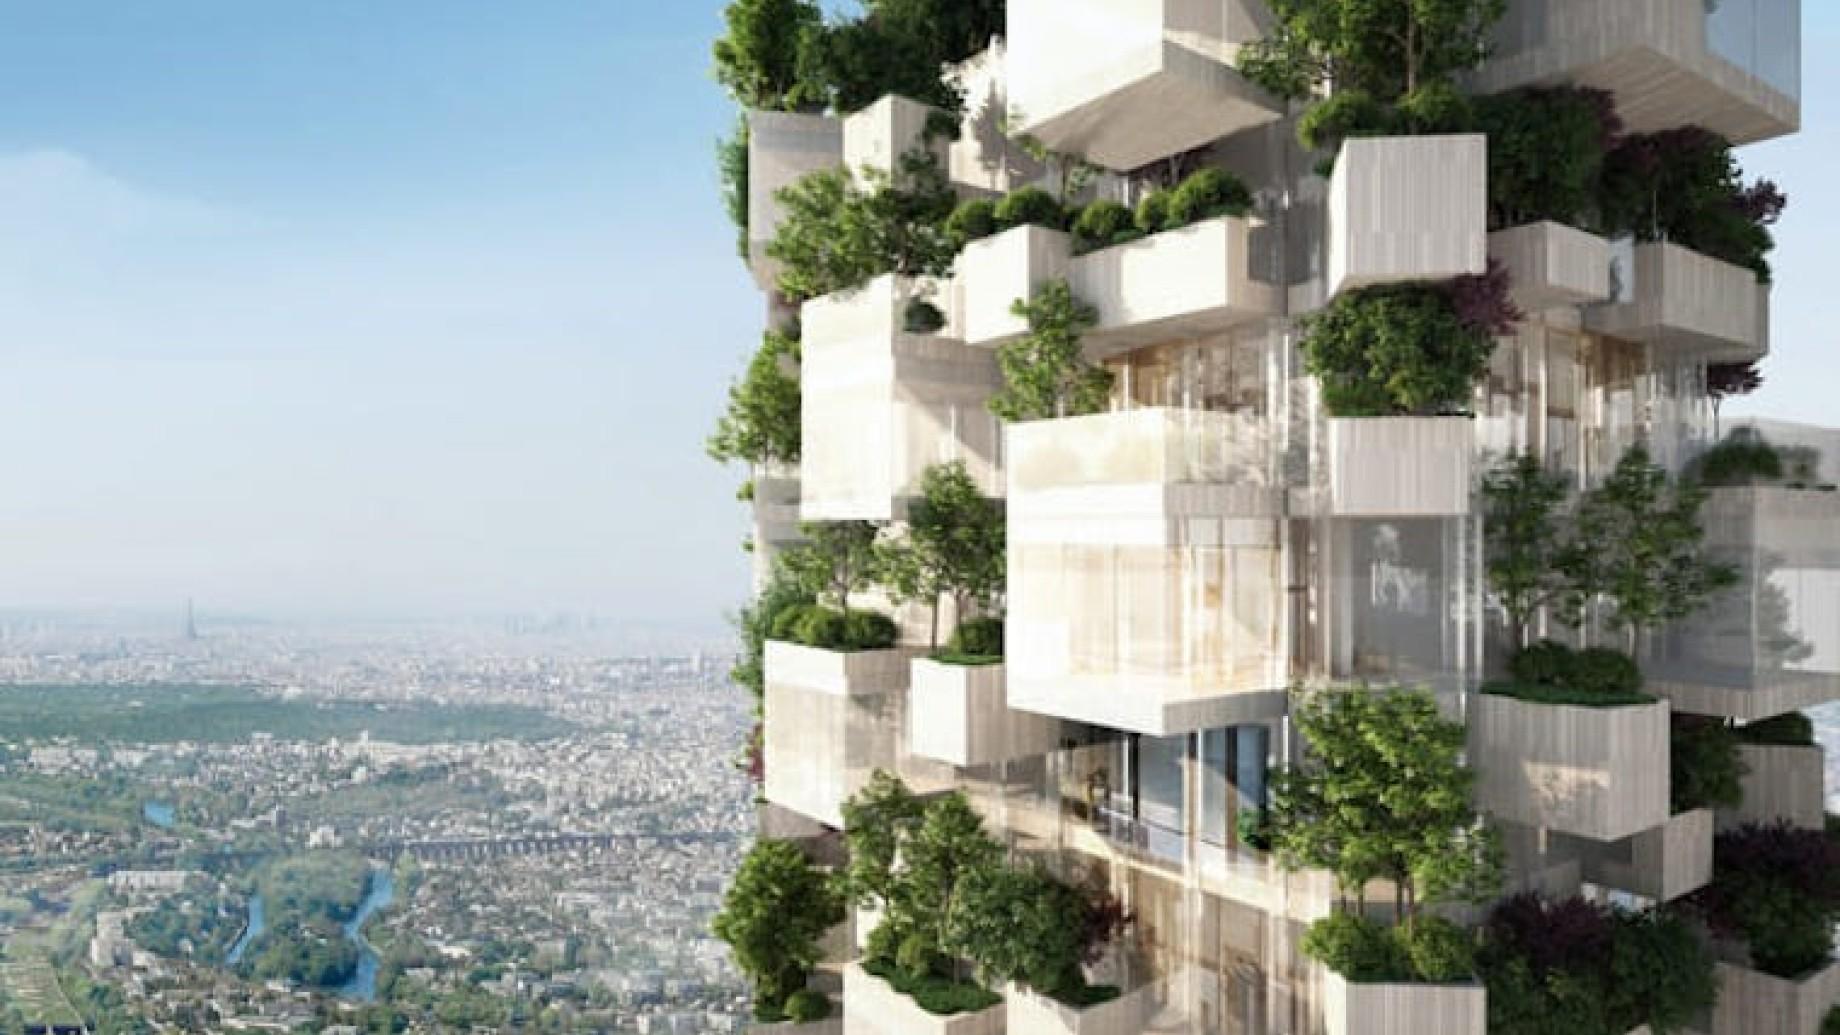 Parigi copia milano: in arrivo un bosco verticale francese il